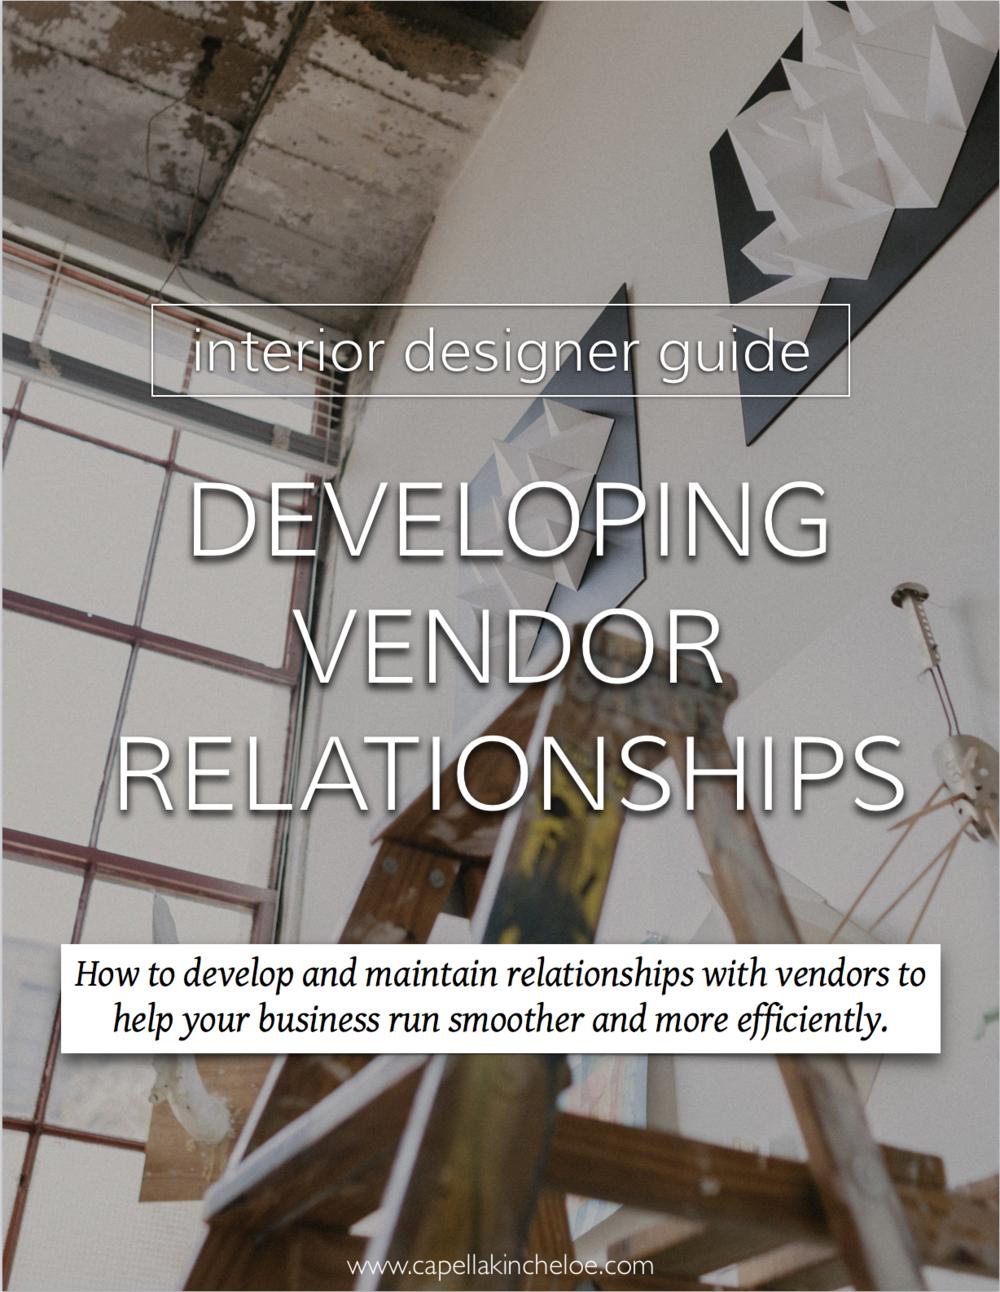 Wondering how you find and create great vendors? Read this. #interiordesignbusiness #cktradesecrets #interiordesigner #vendors